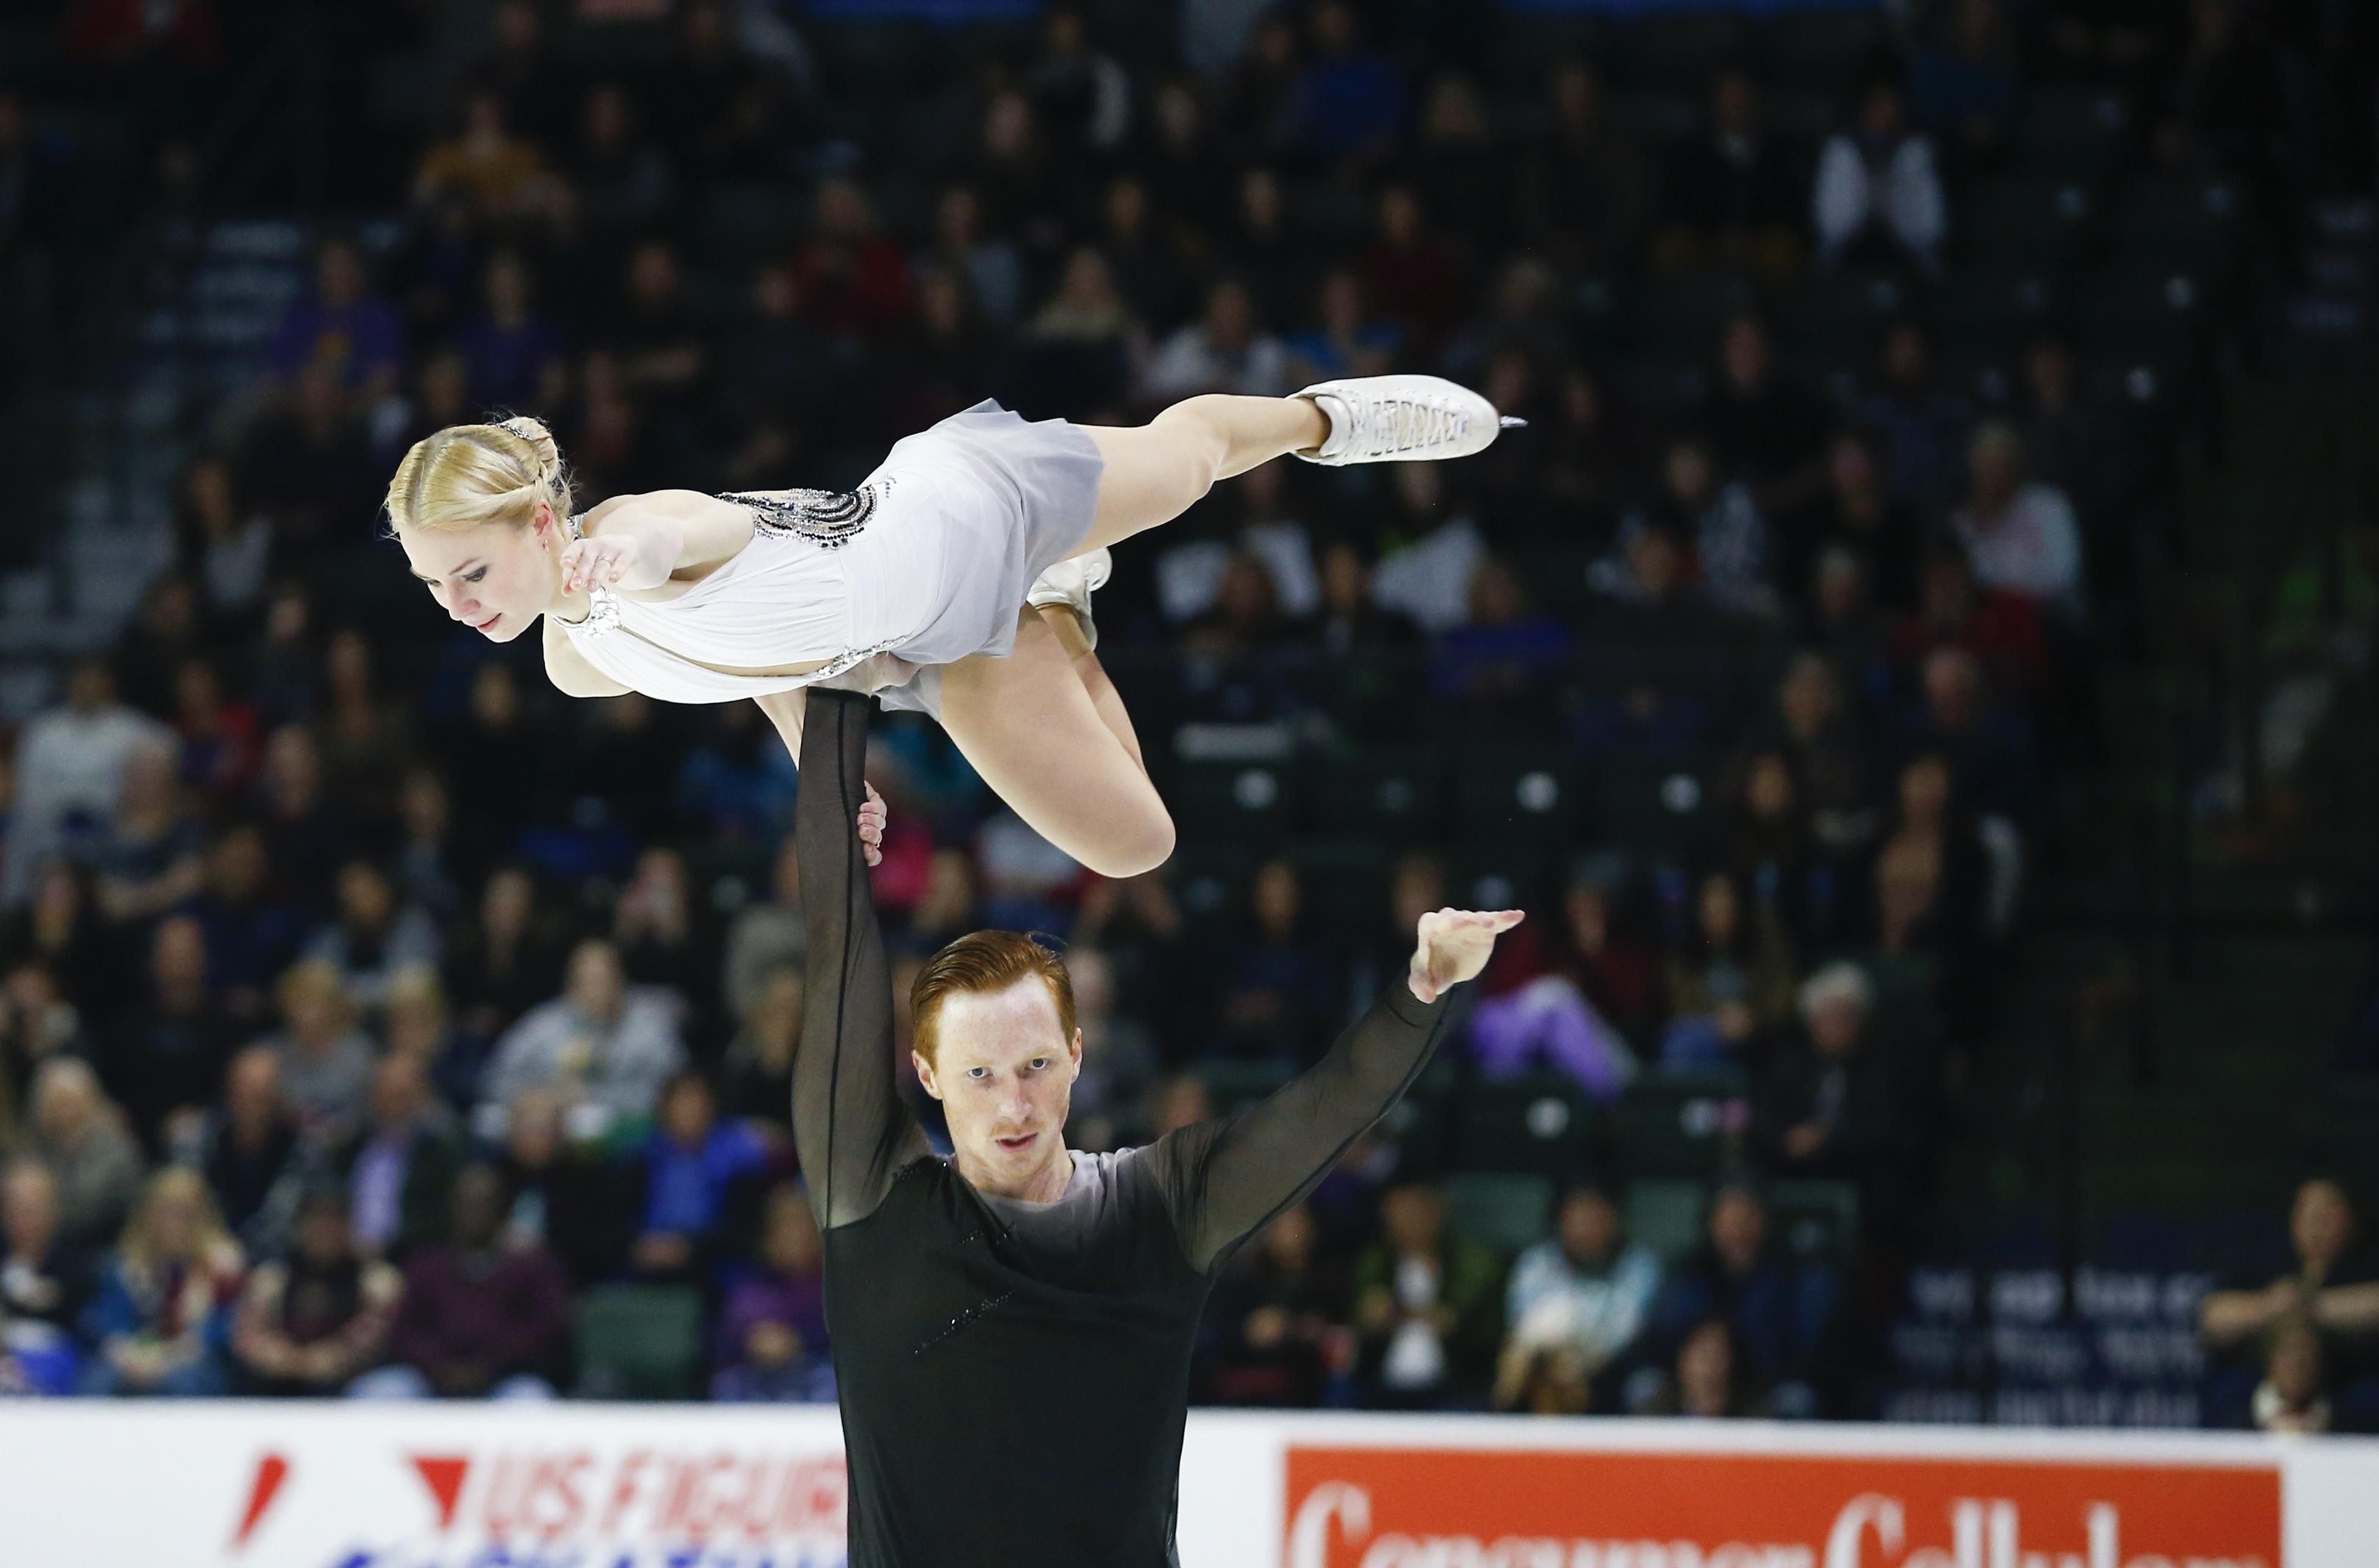 Двукратните европейски шампиони Евгения Тарасова и Владимир Морозов от Русия